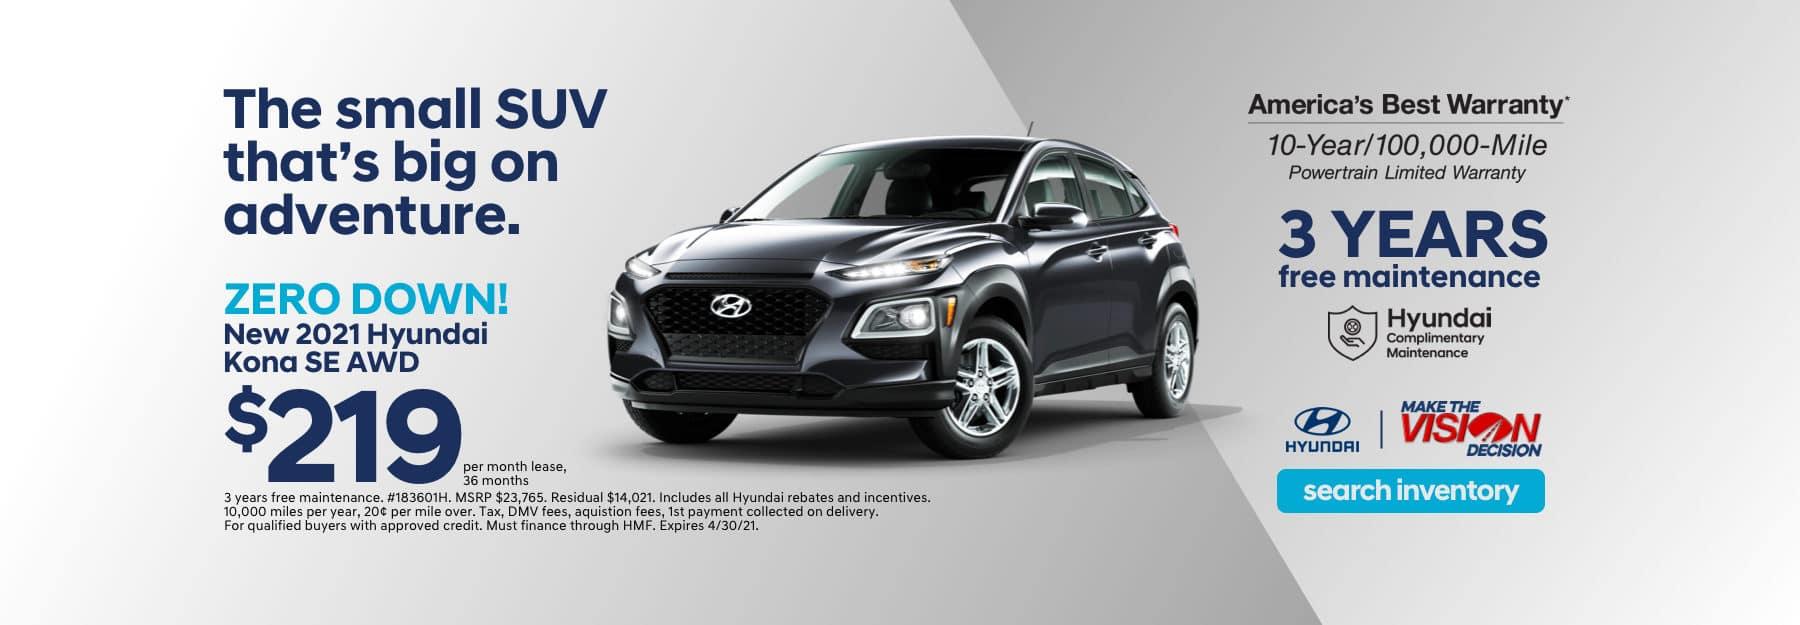 Vision-Hyundai-Sliders2-0405-Kona